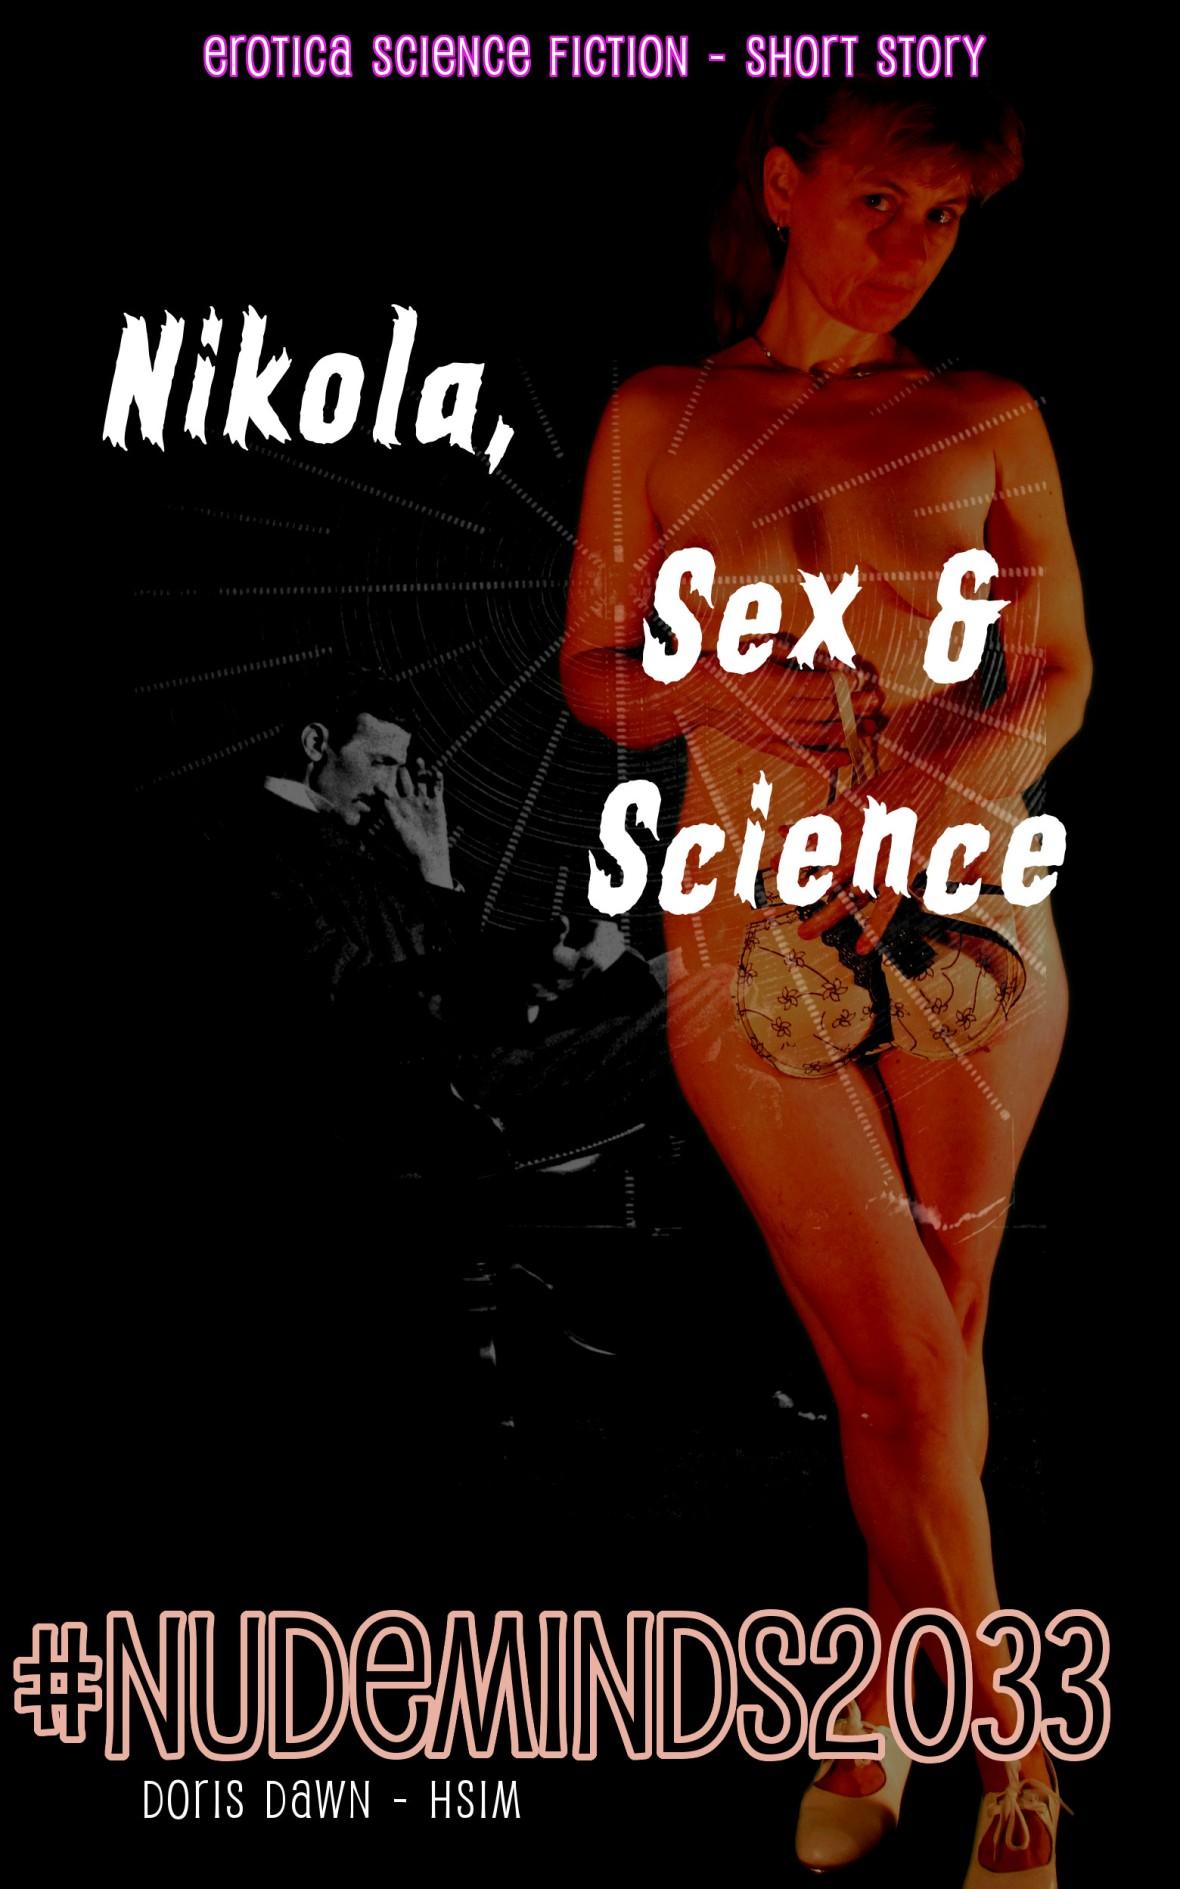 cover-nikola-sex-n-science